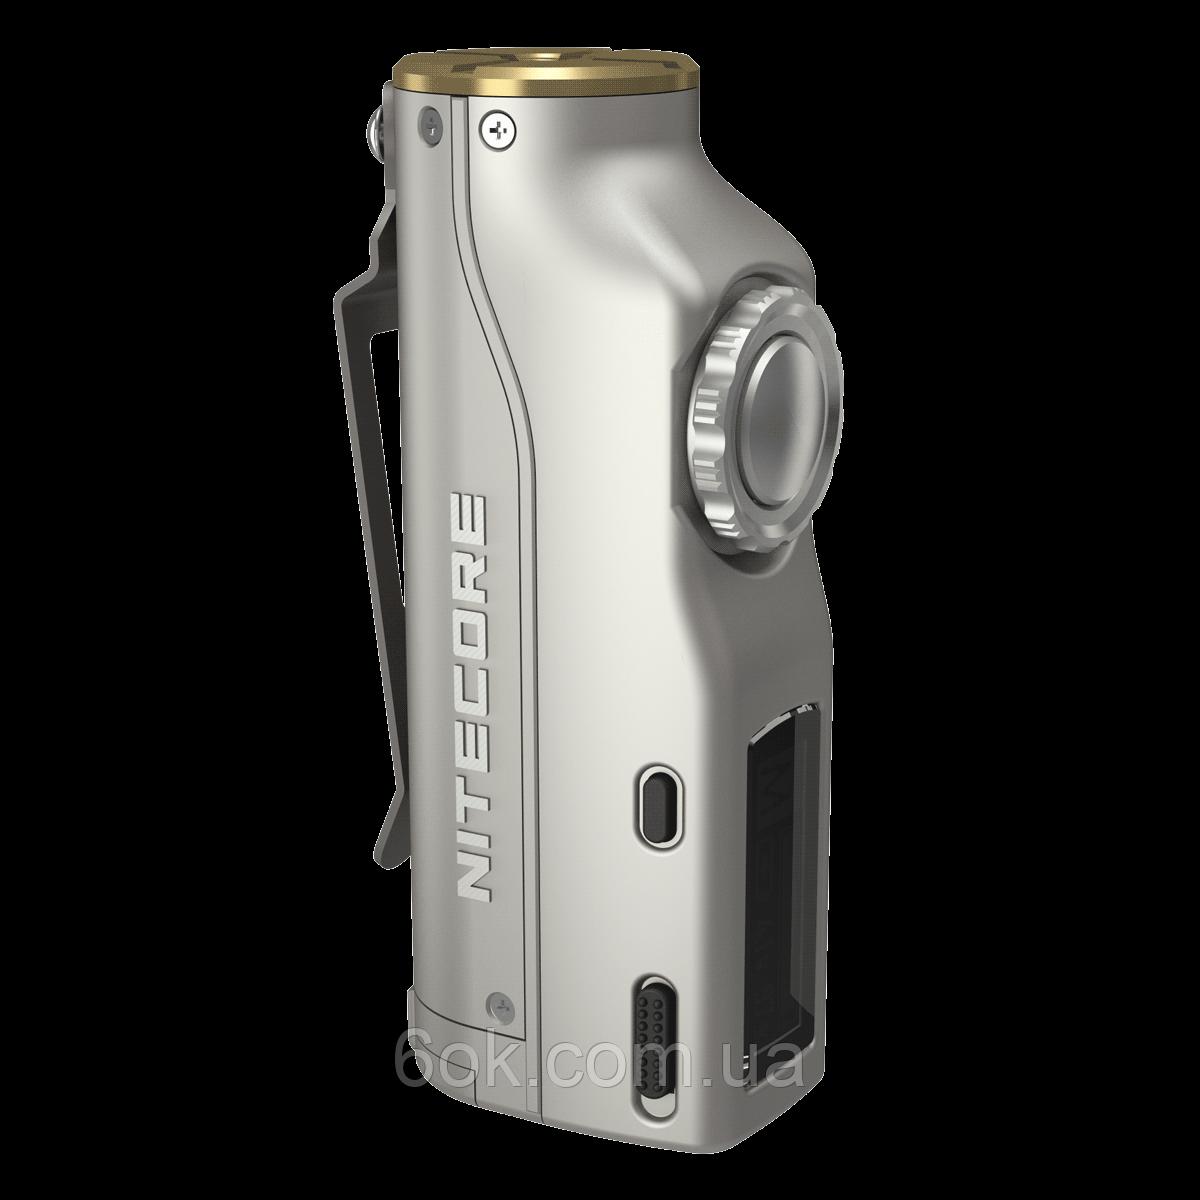 Зарядное устройство Nitecore PRO BOX Q50 для вейперов